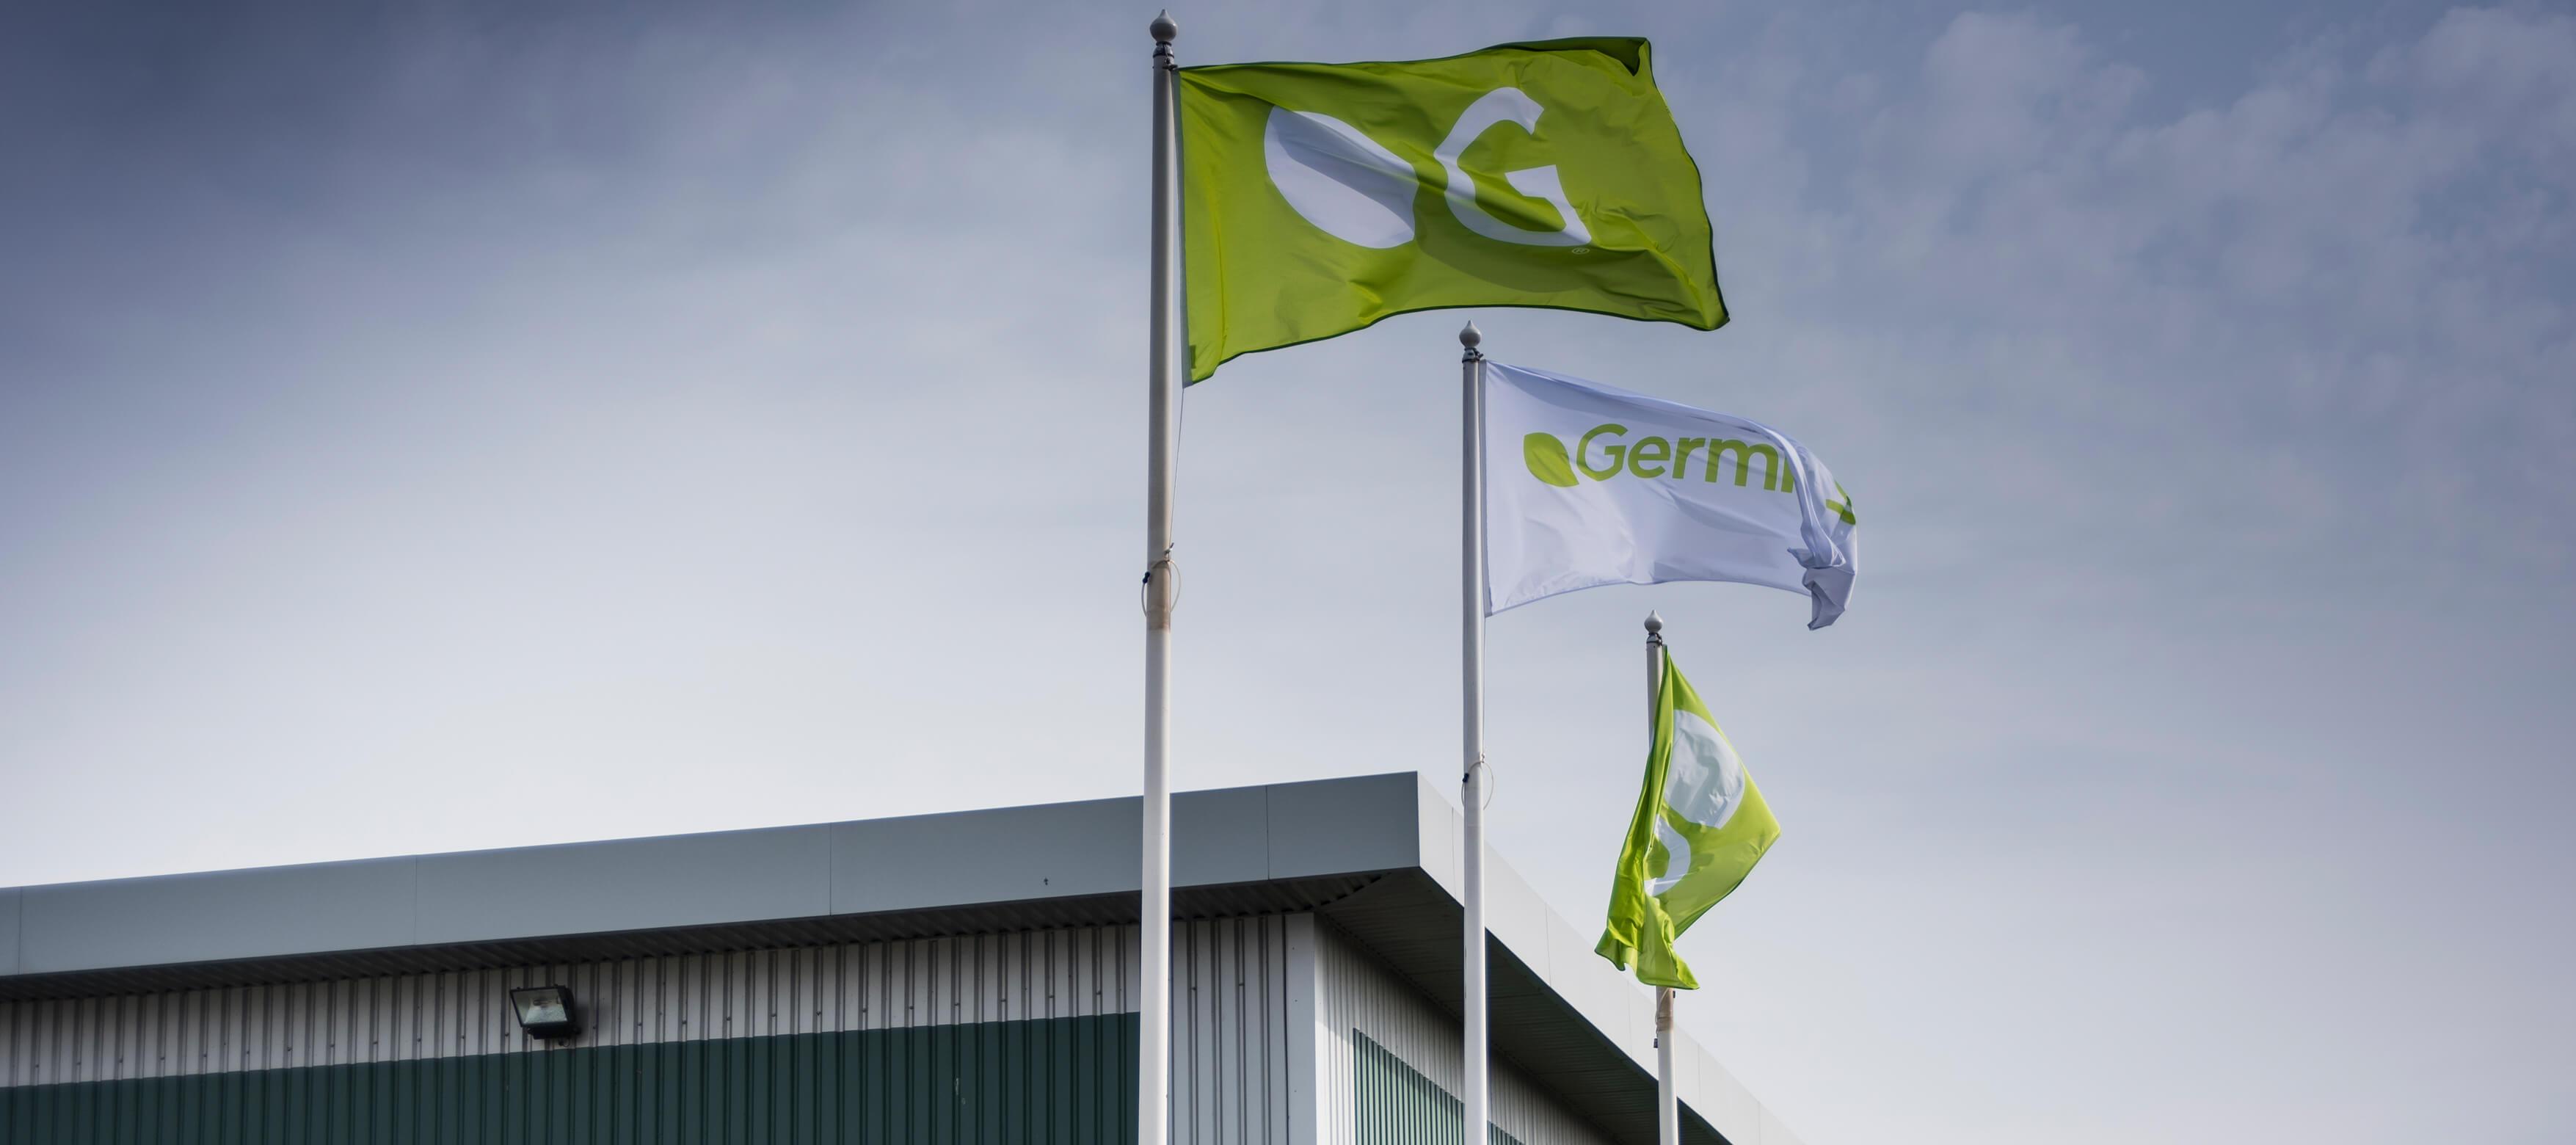 Germinal Flags